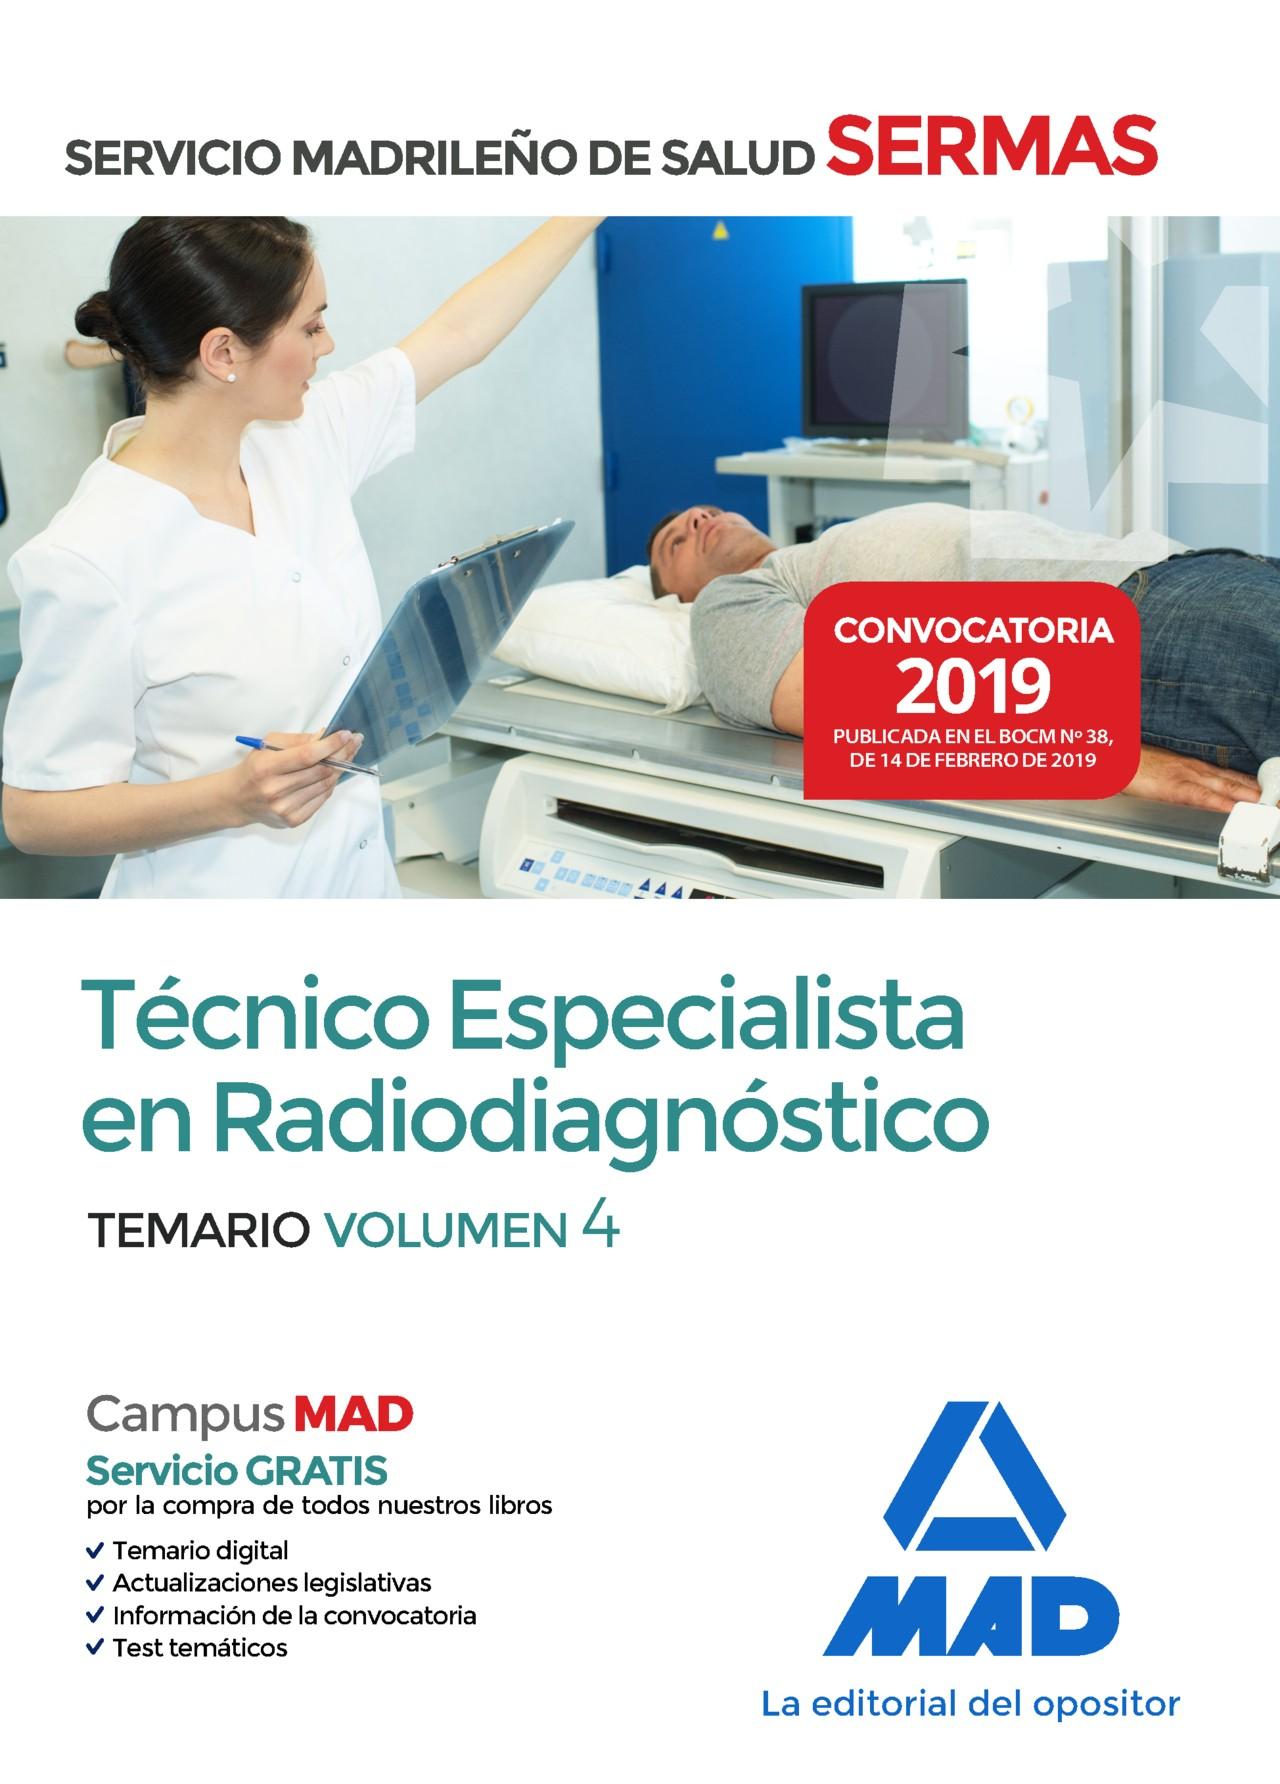 Técnico Especialista en Radiodiagnóstico del Servicio Madrileño de Salud